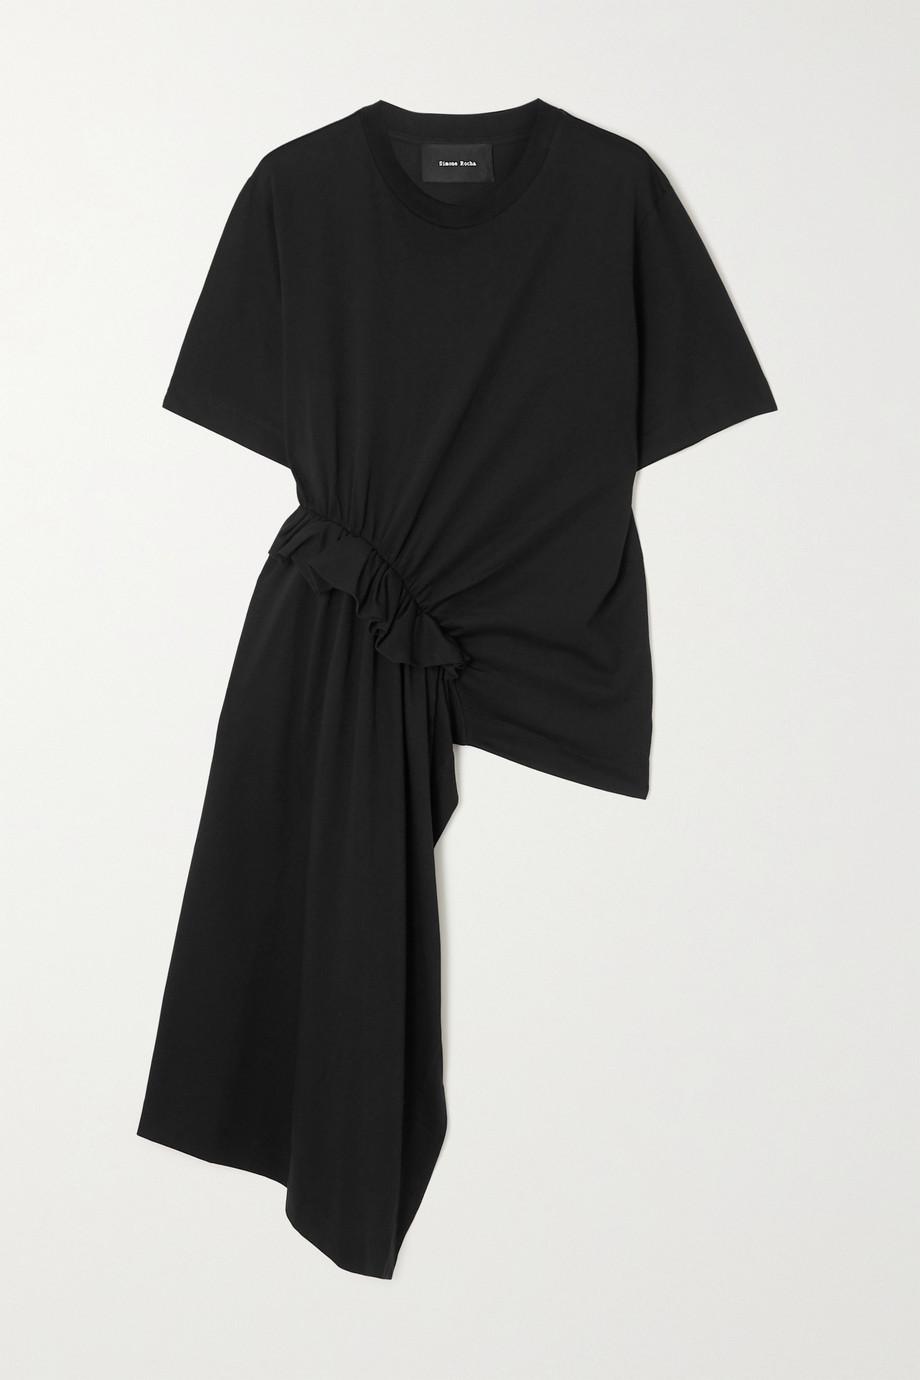 Simone Rocha Asymmetrisches T-Shirt aus Supima®-Baumwoll-Jersey mit Rüschen